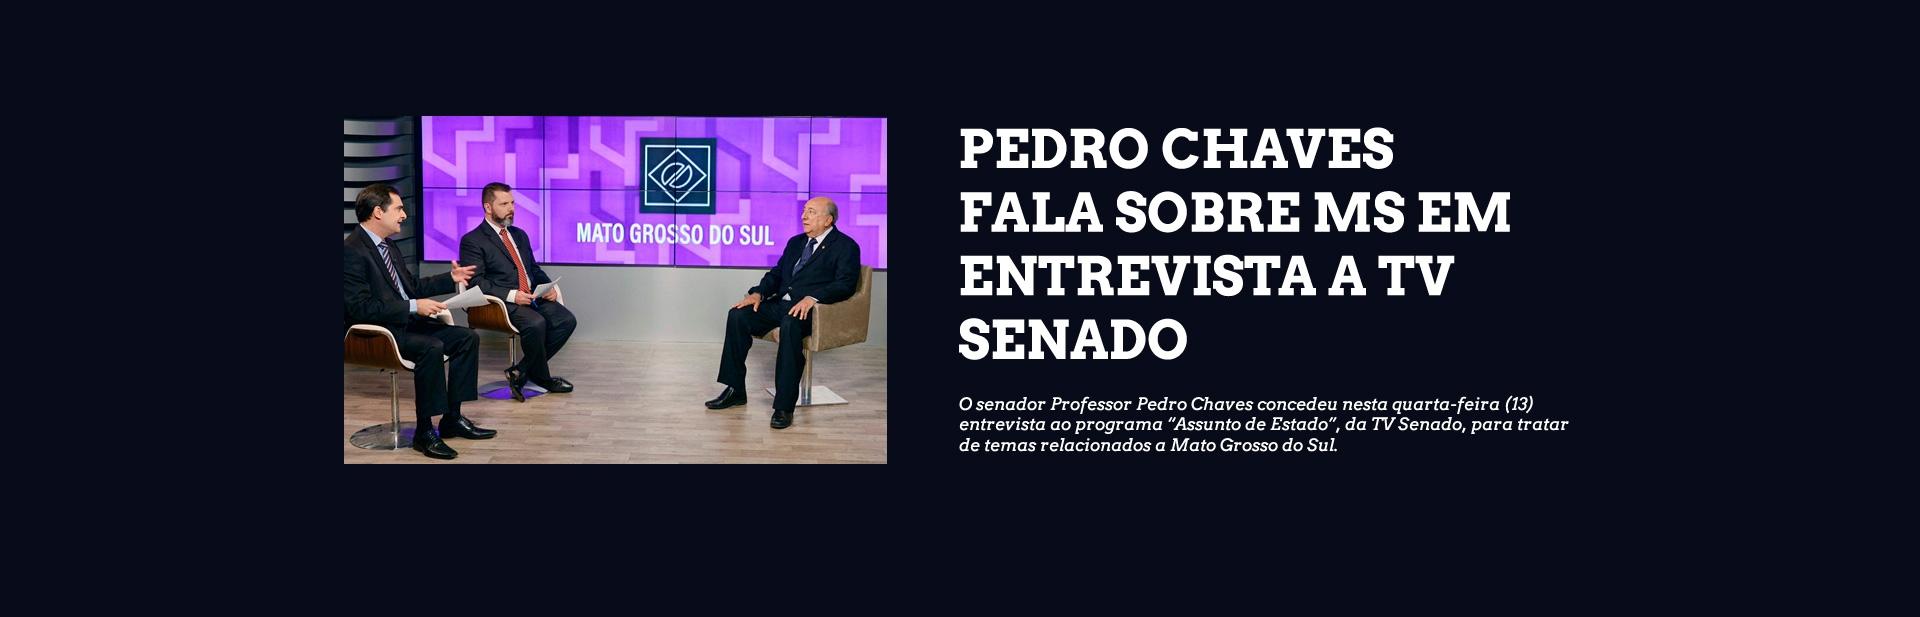 Pedro Chaves fala sobre MS em entrevista a TV Senado